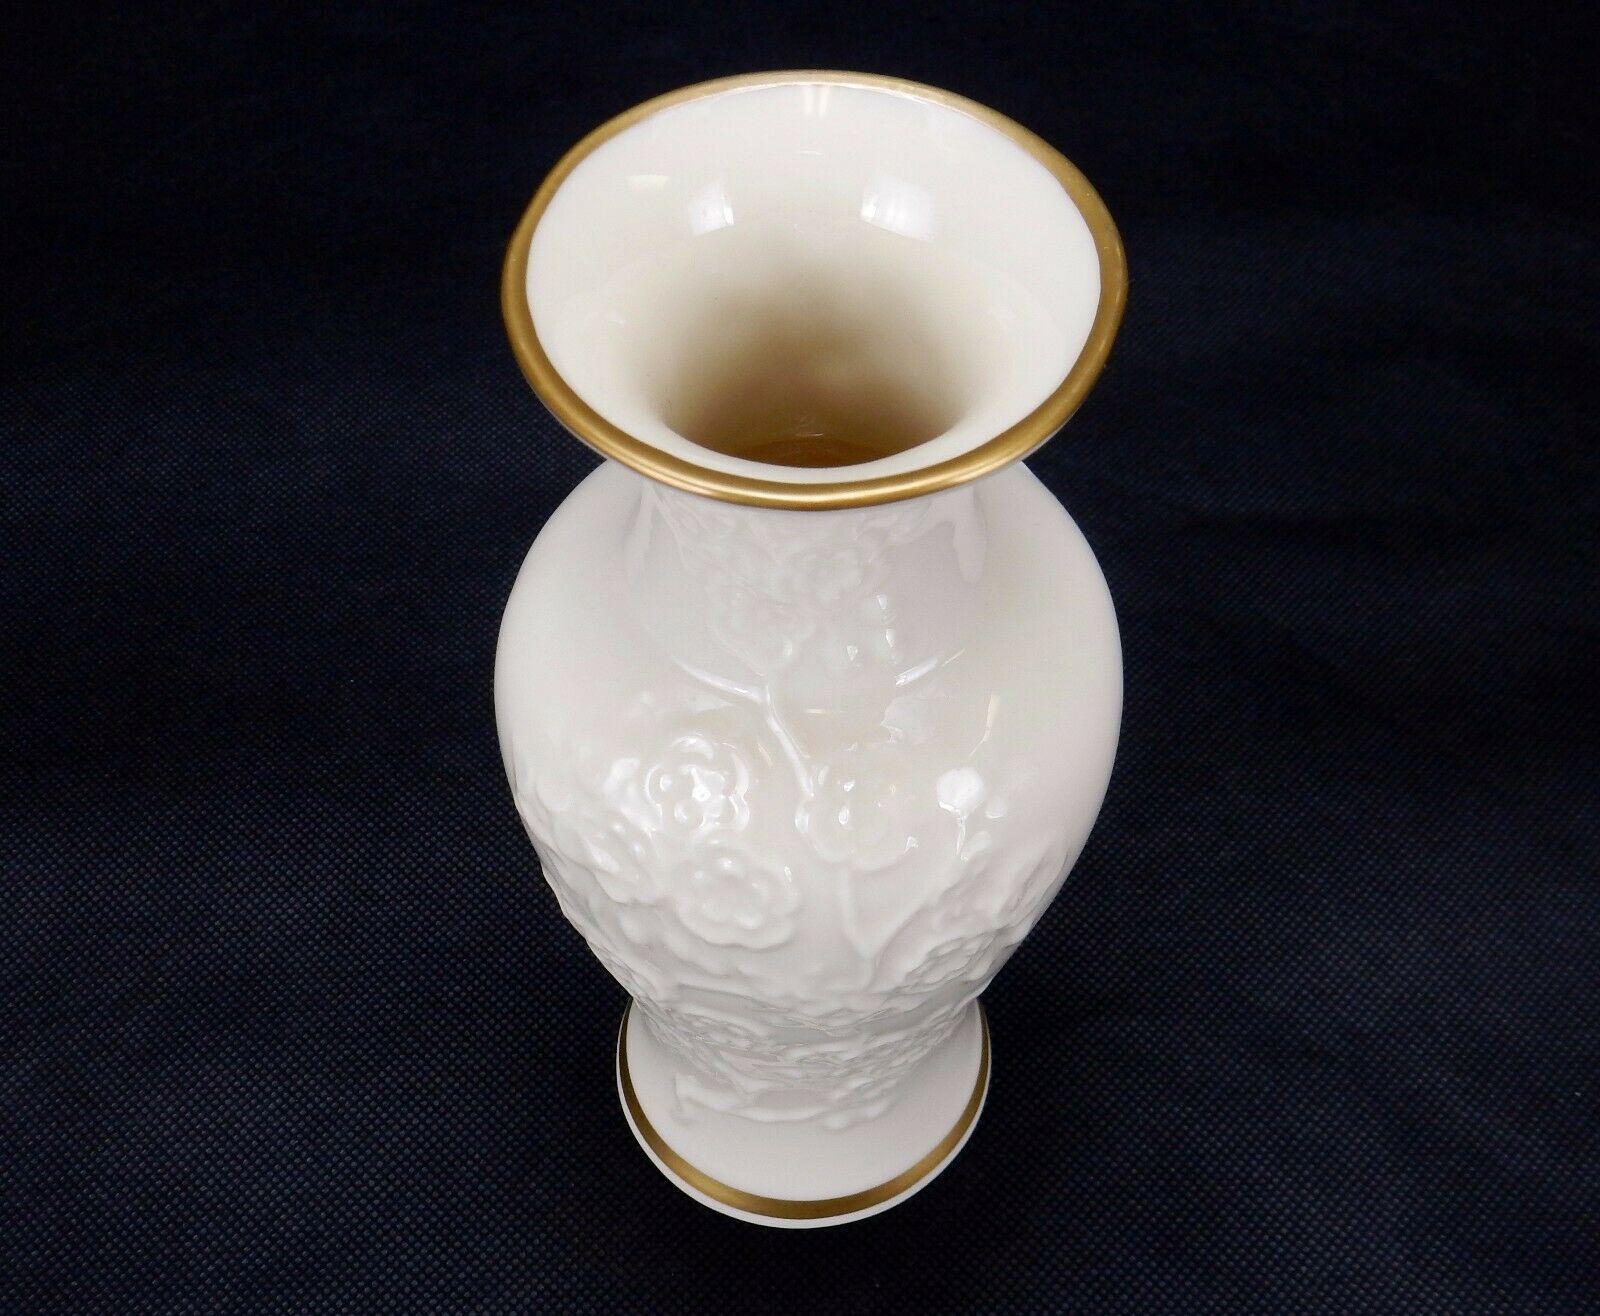 Lenox Ming Blossom Collection Ivory Bud Vase, Raised Floral Design 22K Gold Trim